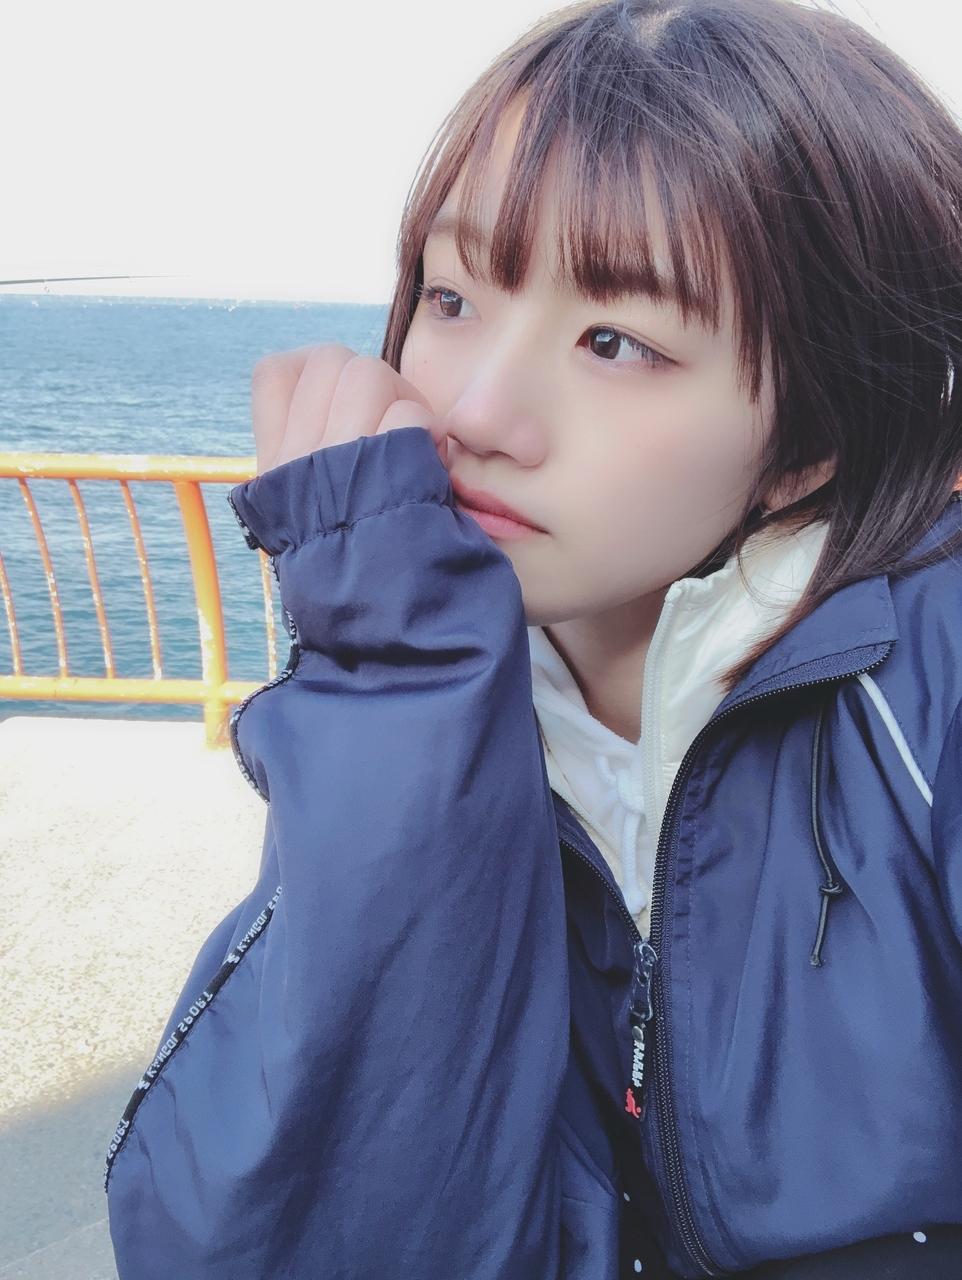 日向坂46メンバーブログまとめ2019年4月7日